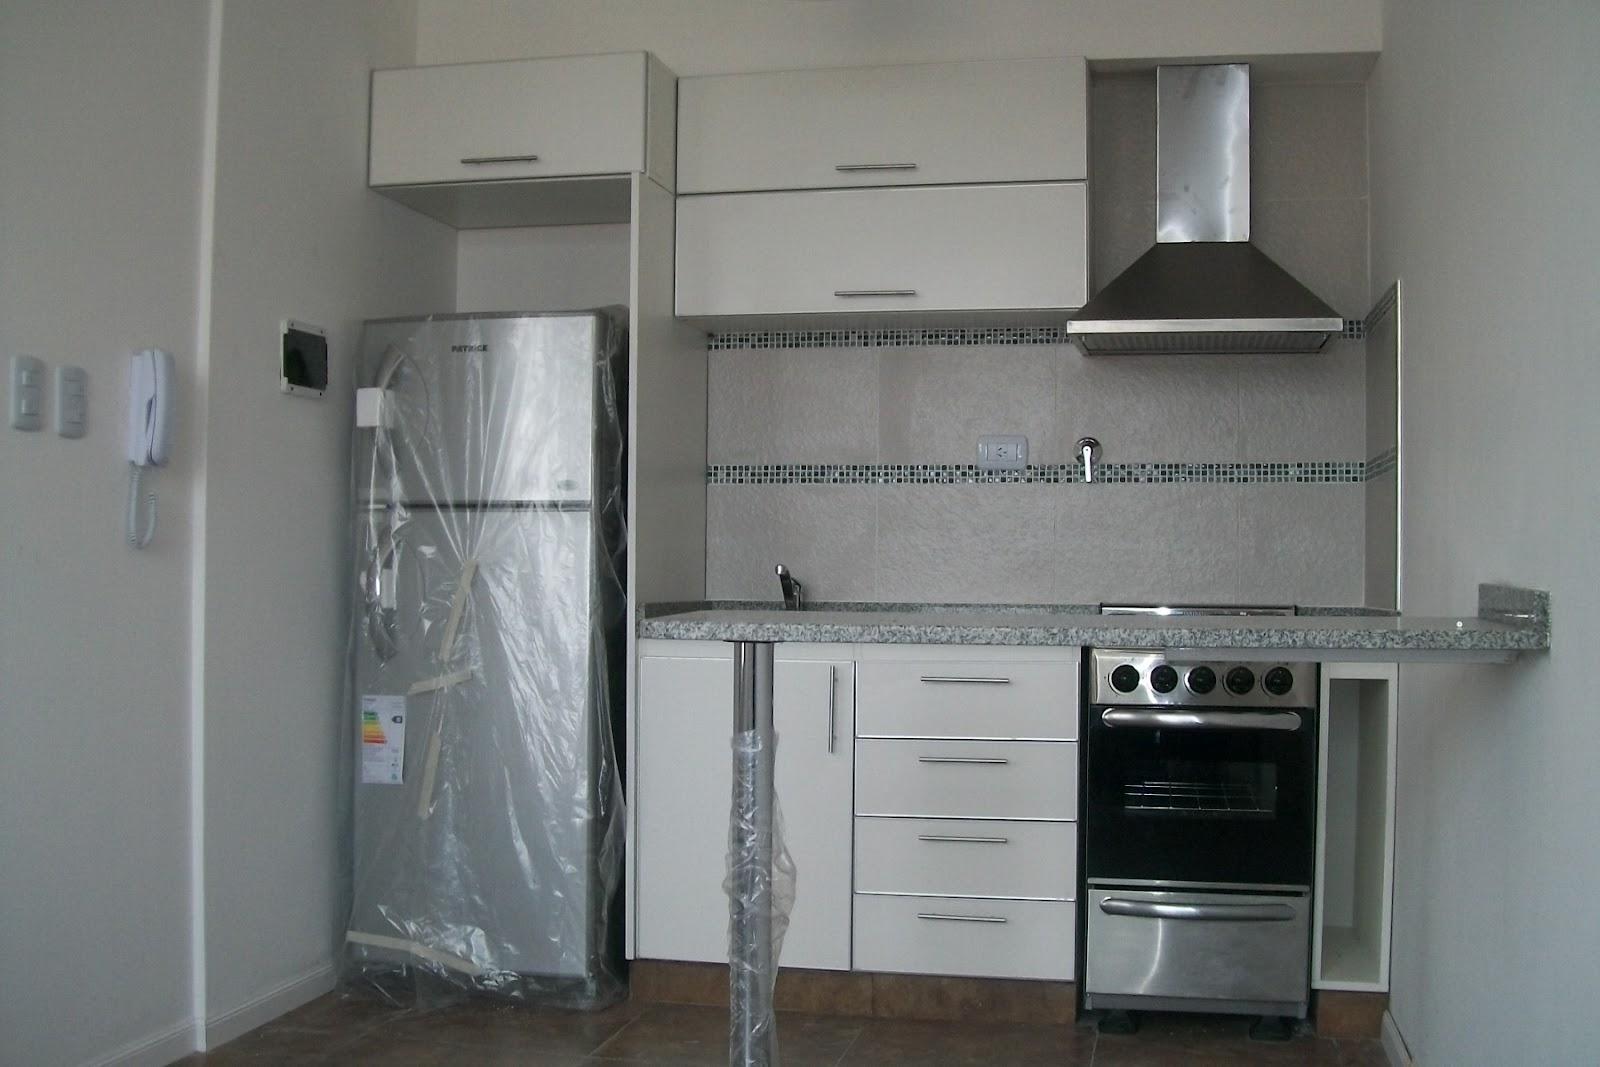 Pincen amoblamientos amoblamiento de cocina color blanco - Cocina de color ...